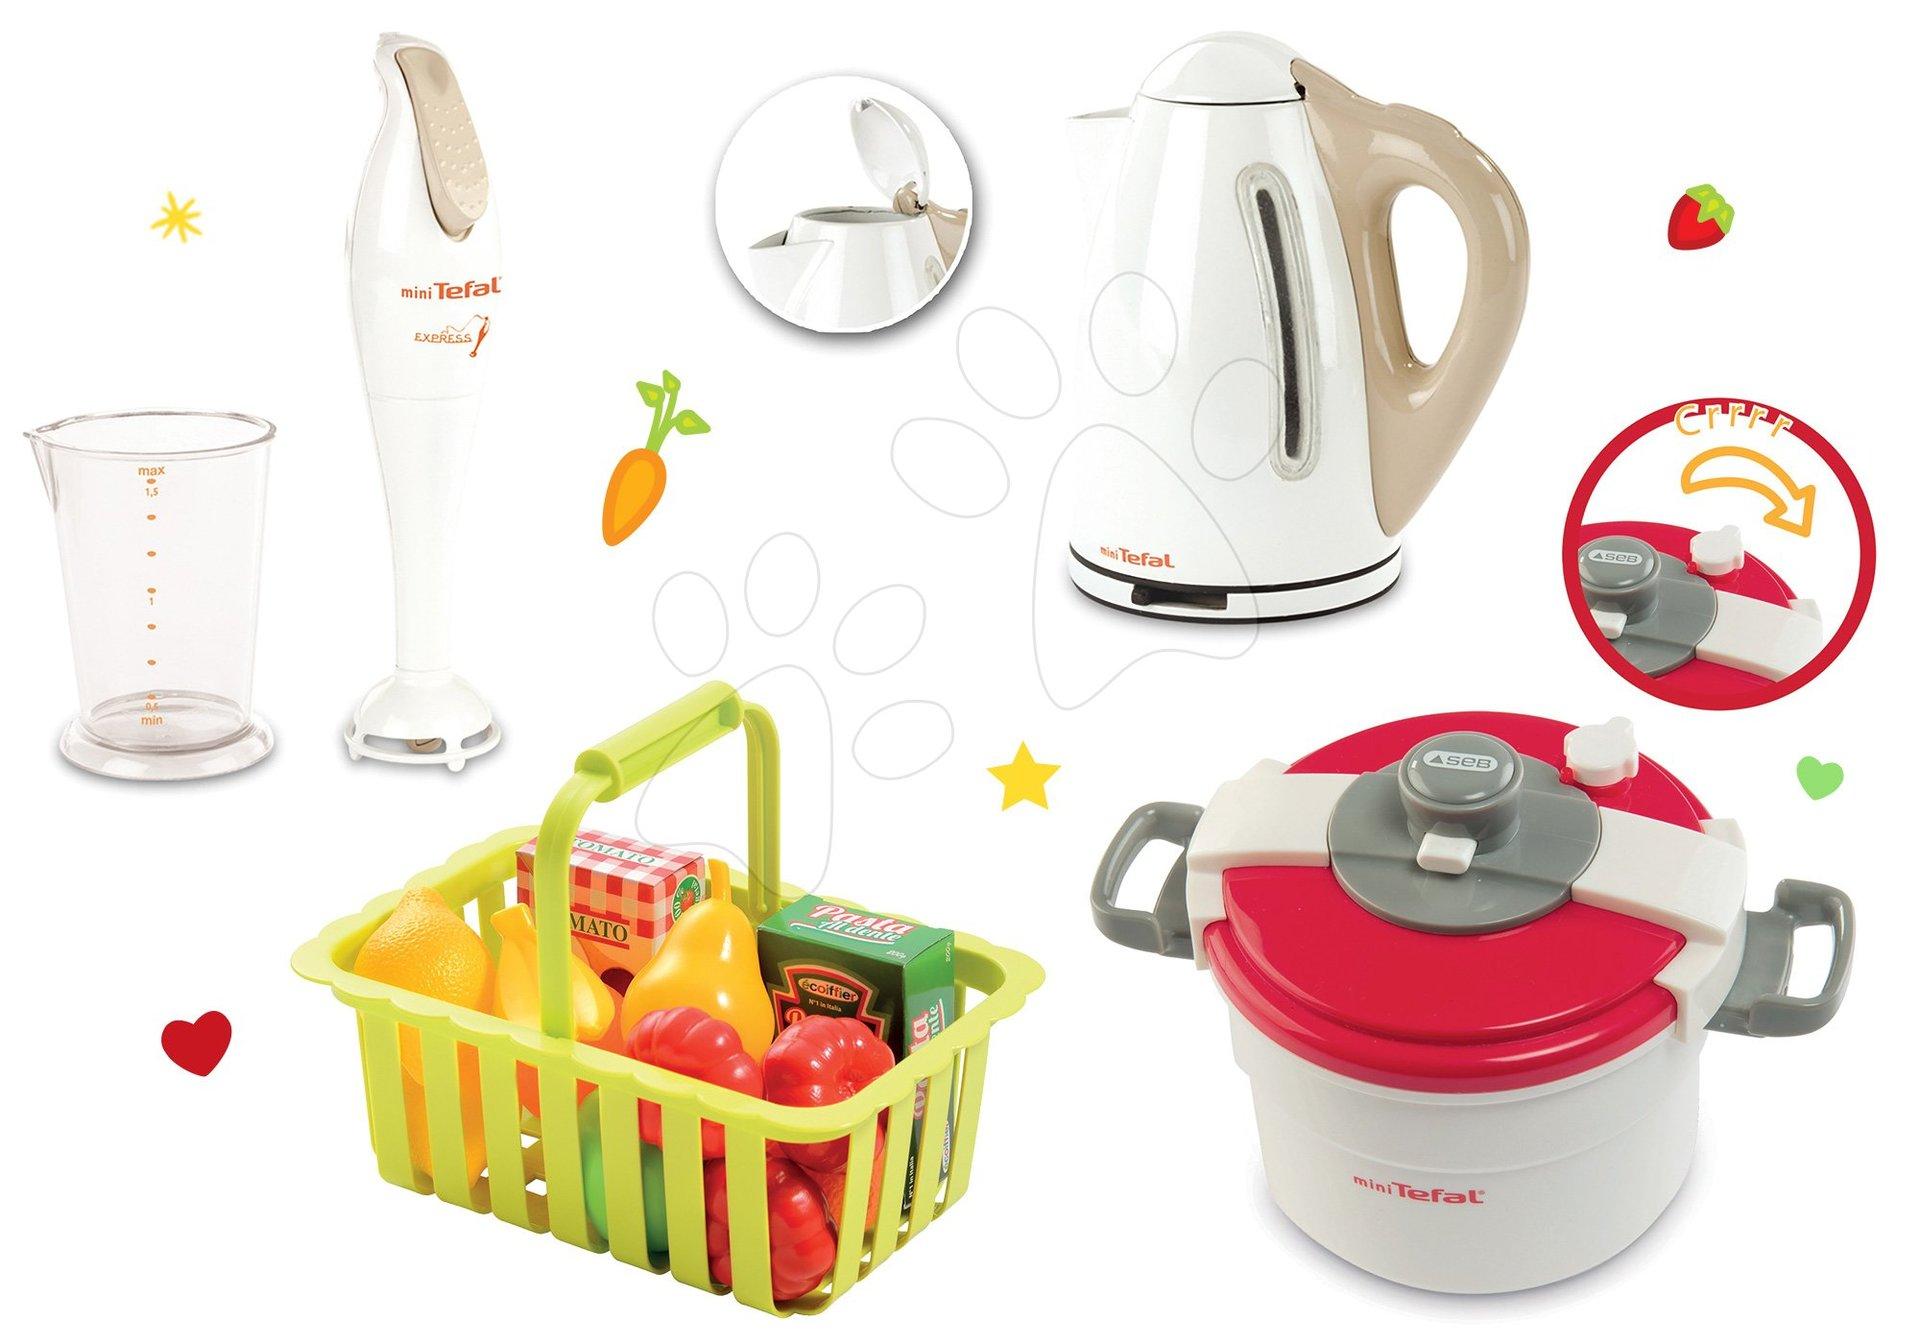 Smoby set spotrebičov tlakový hrniec, ponorný mixér a kanvica tefal a Écoiffier košík s ovocím 310501-1